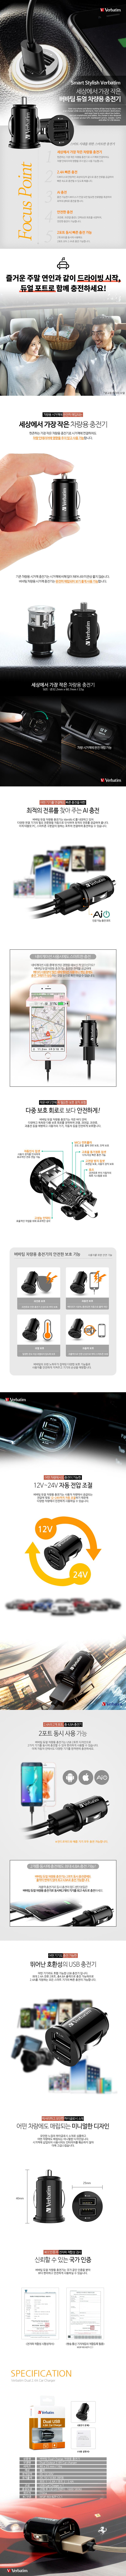 차량용 고속 충전기 4.8A 듀얼 블랙 - 버바팀, 15,800원, 충전기, 차량용충전기(시거잭)